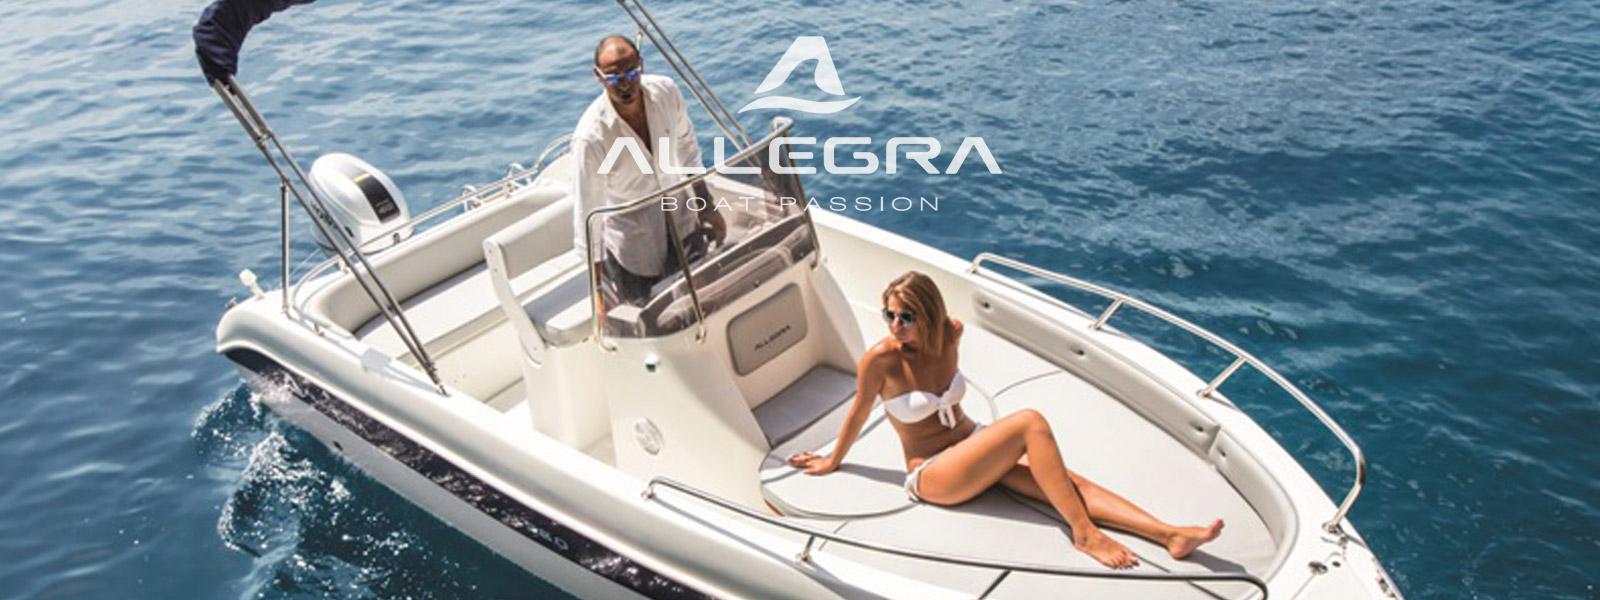 Allegra Boat Passion  Nautica